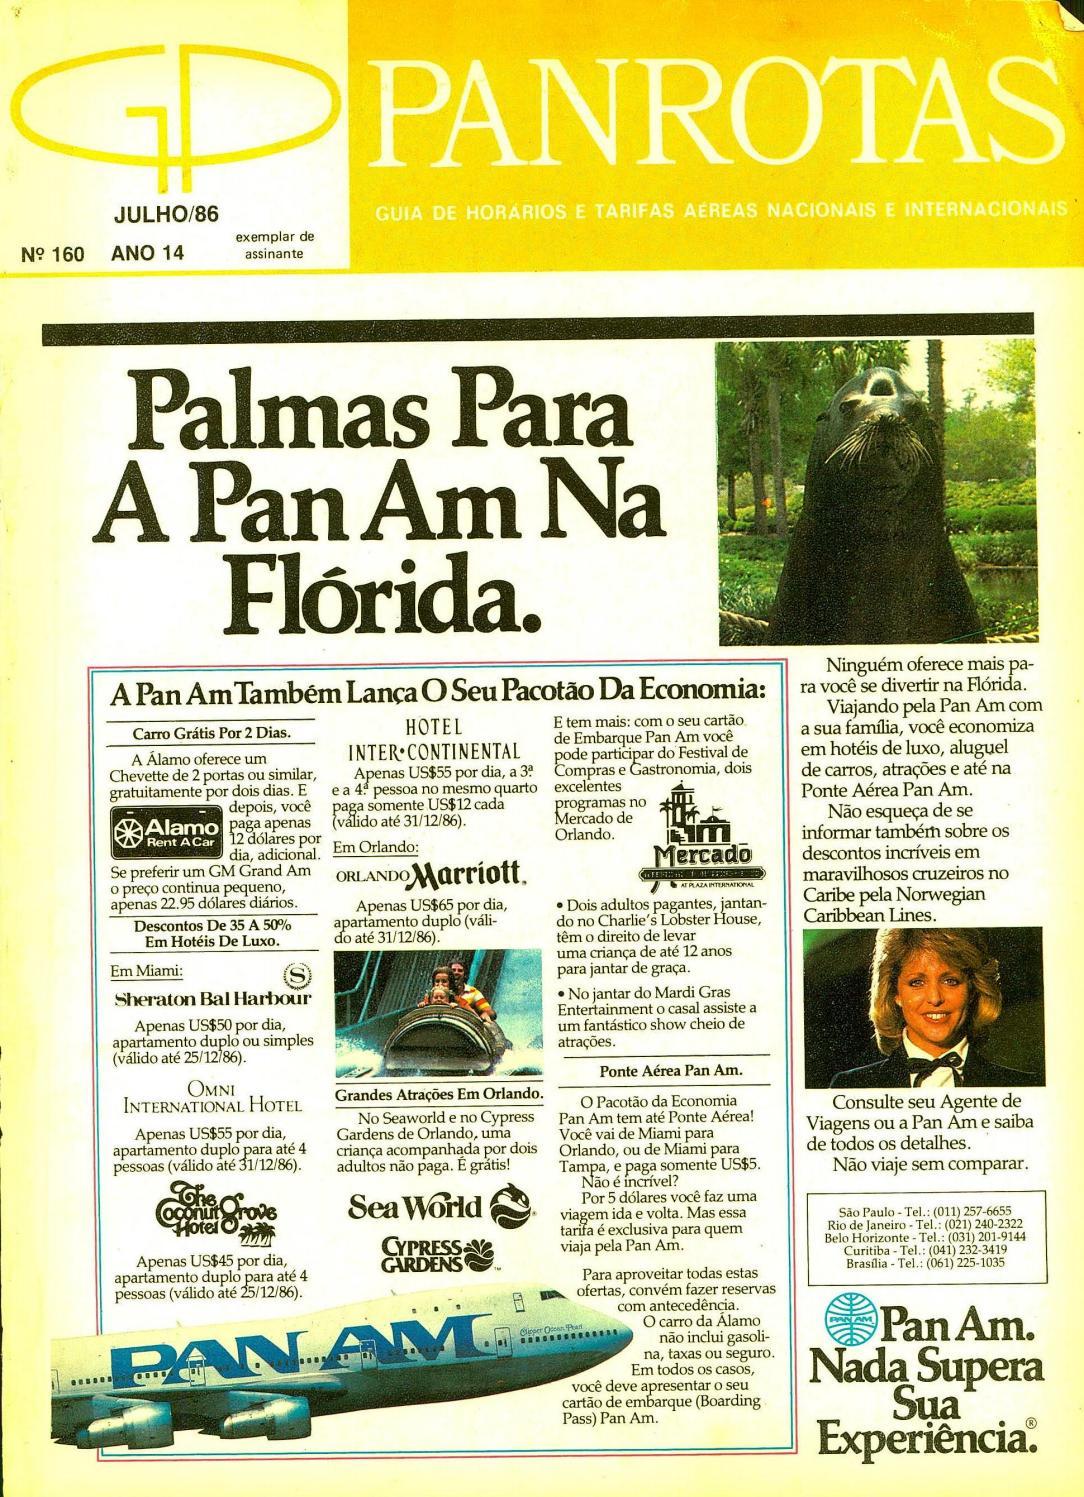 Guia PANROTAS - Edição 160 - Julho 1986 by PANROTAS Editora - issuu 6e0f2b99e34